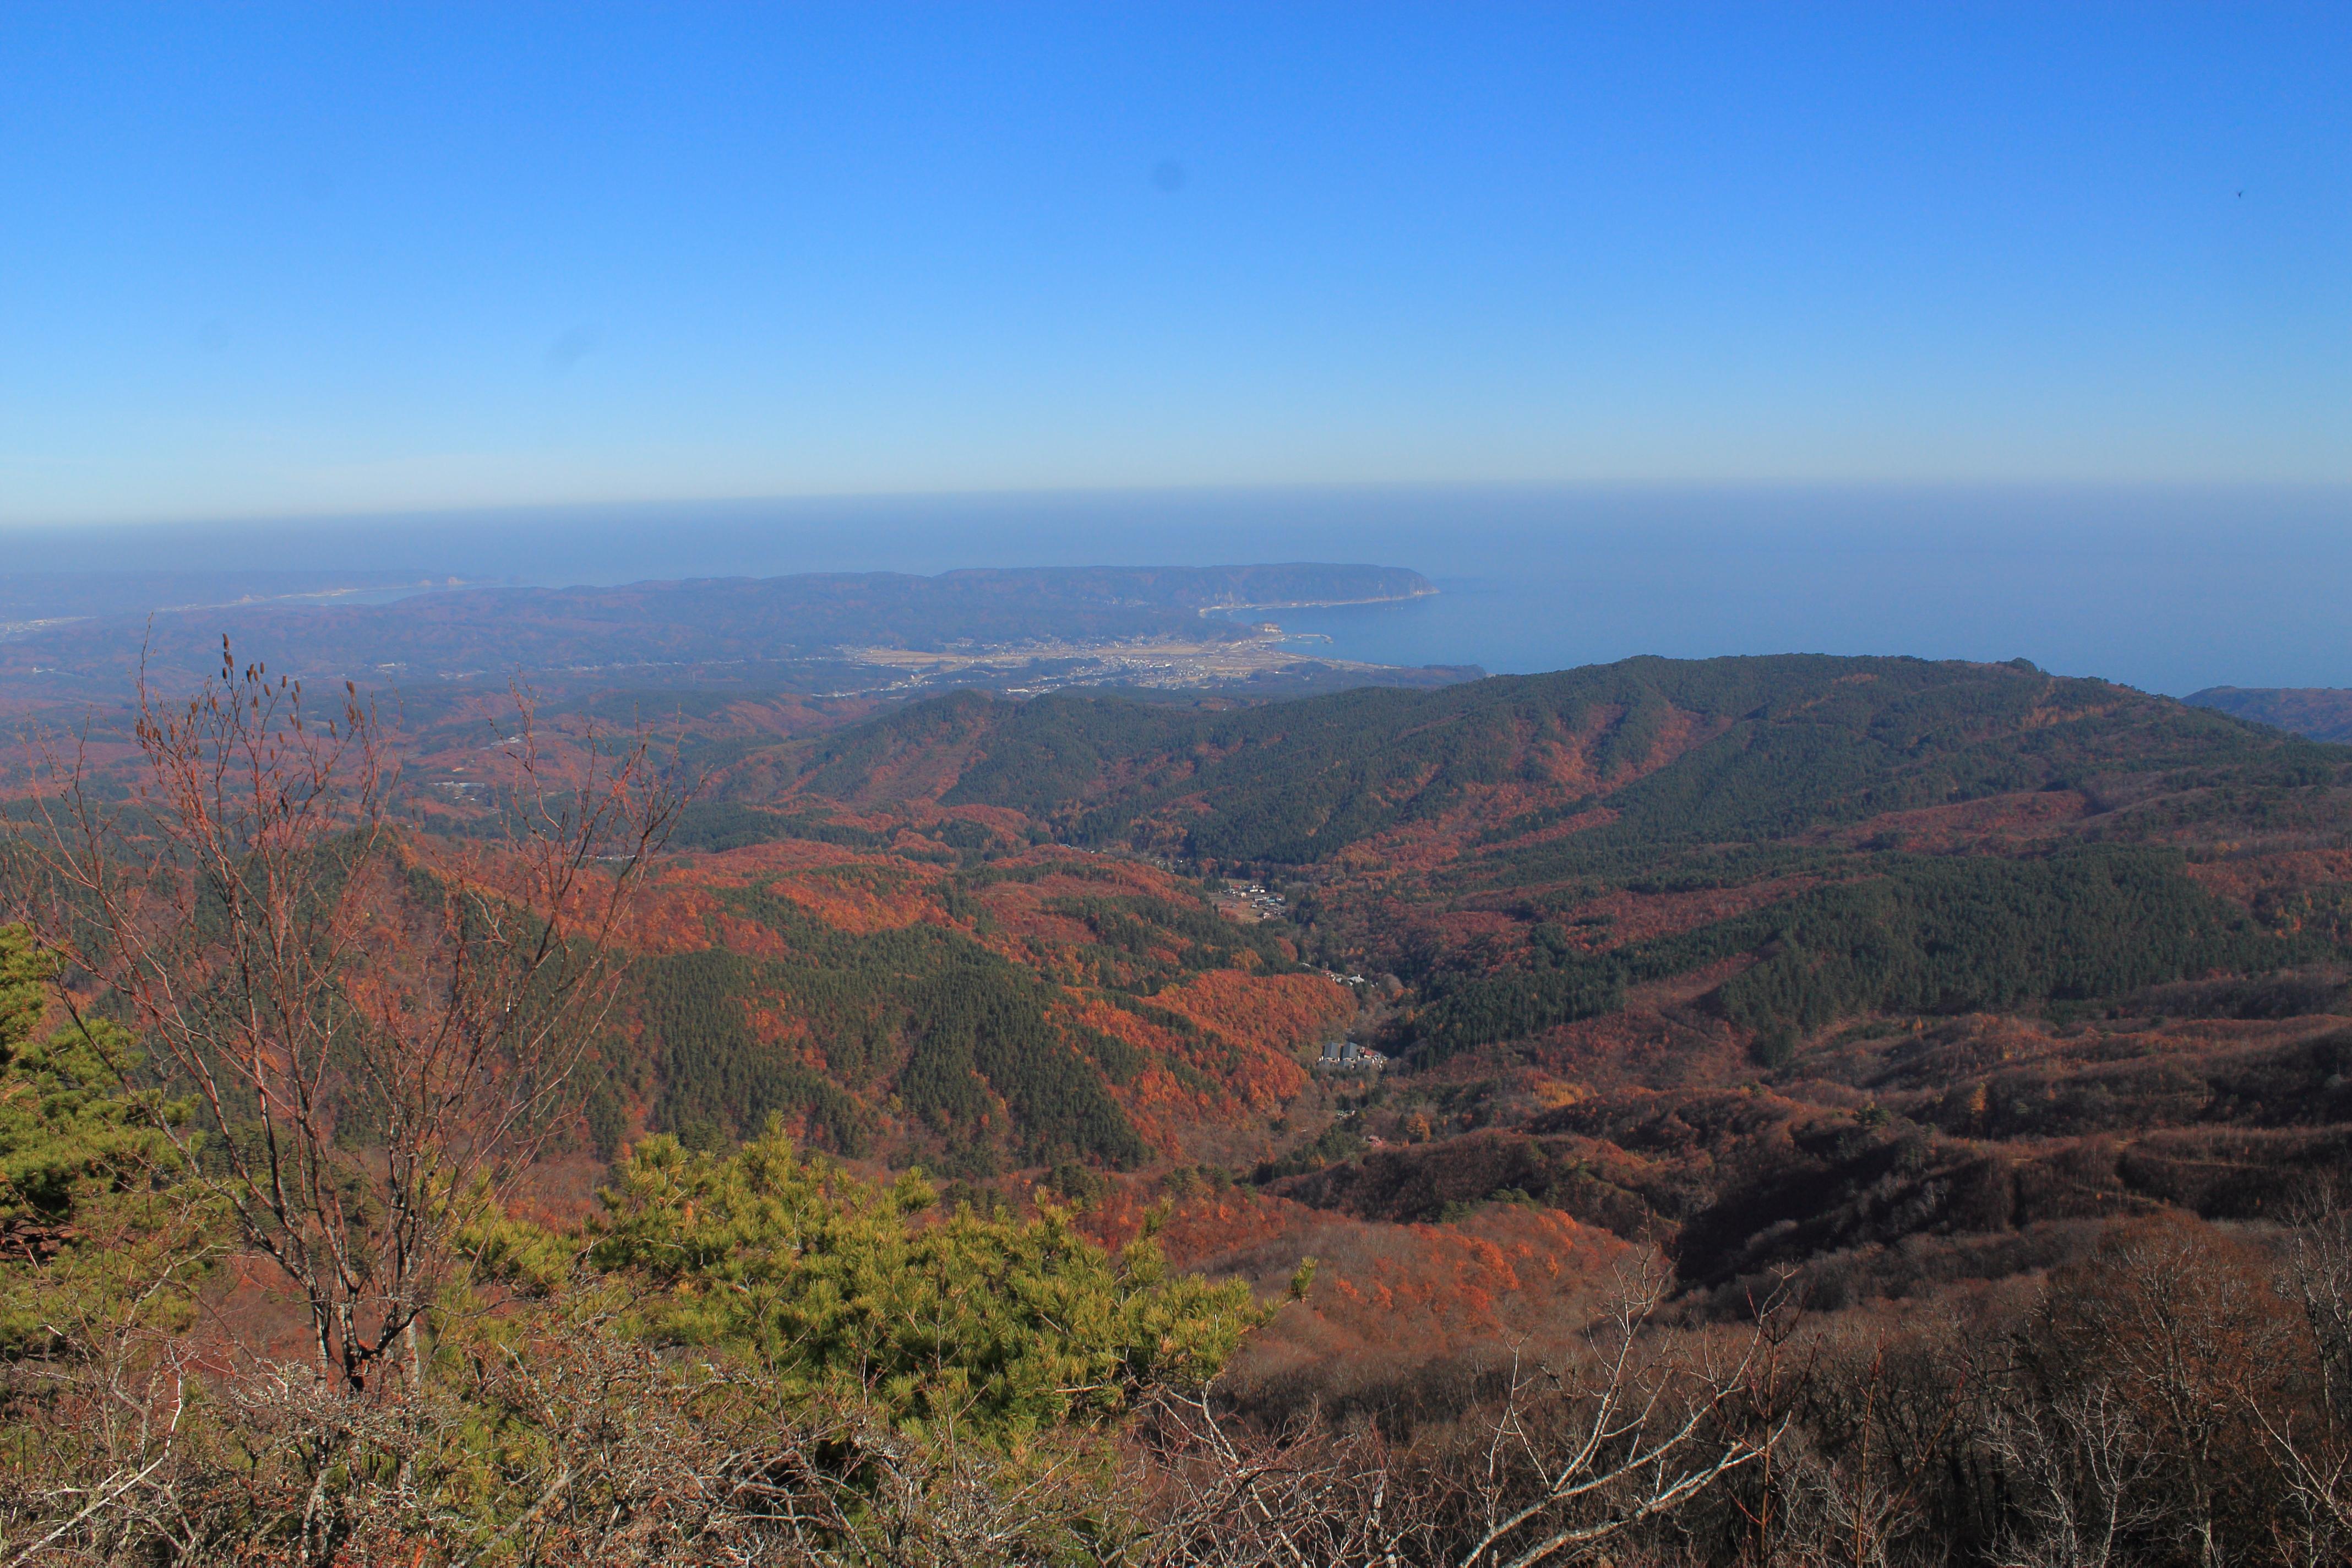 和佐羅比山から見るパノラマ紅葉(岩手県野田村)